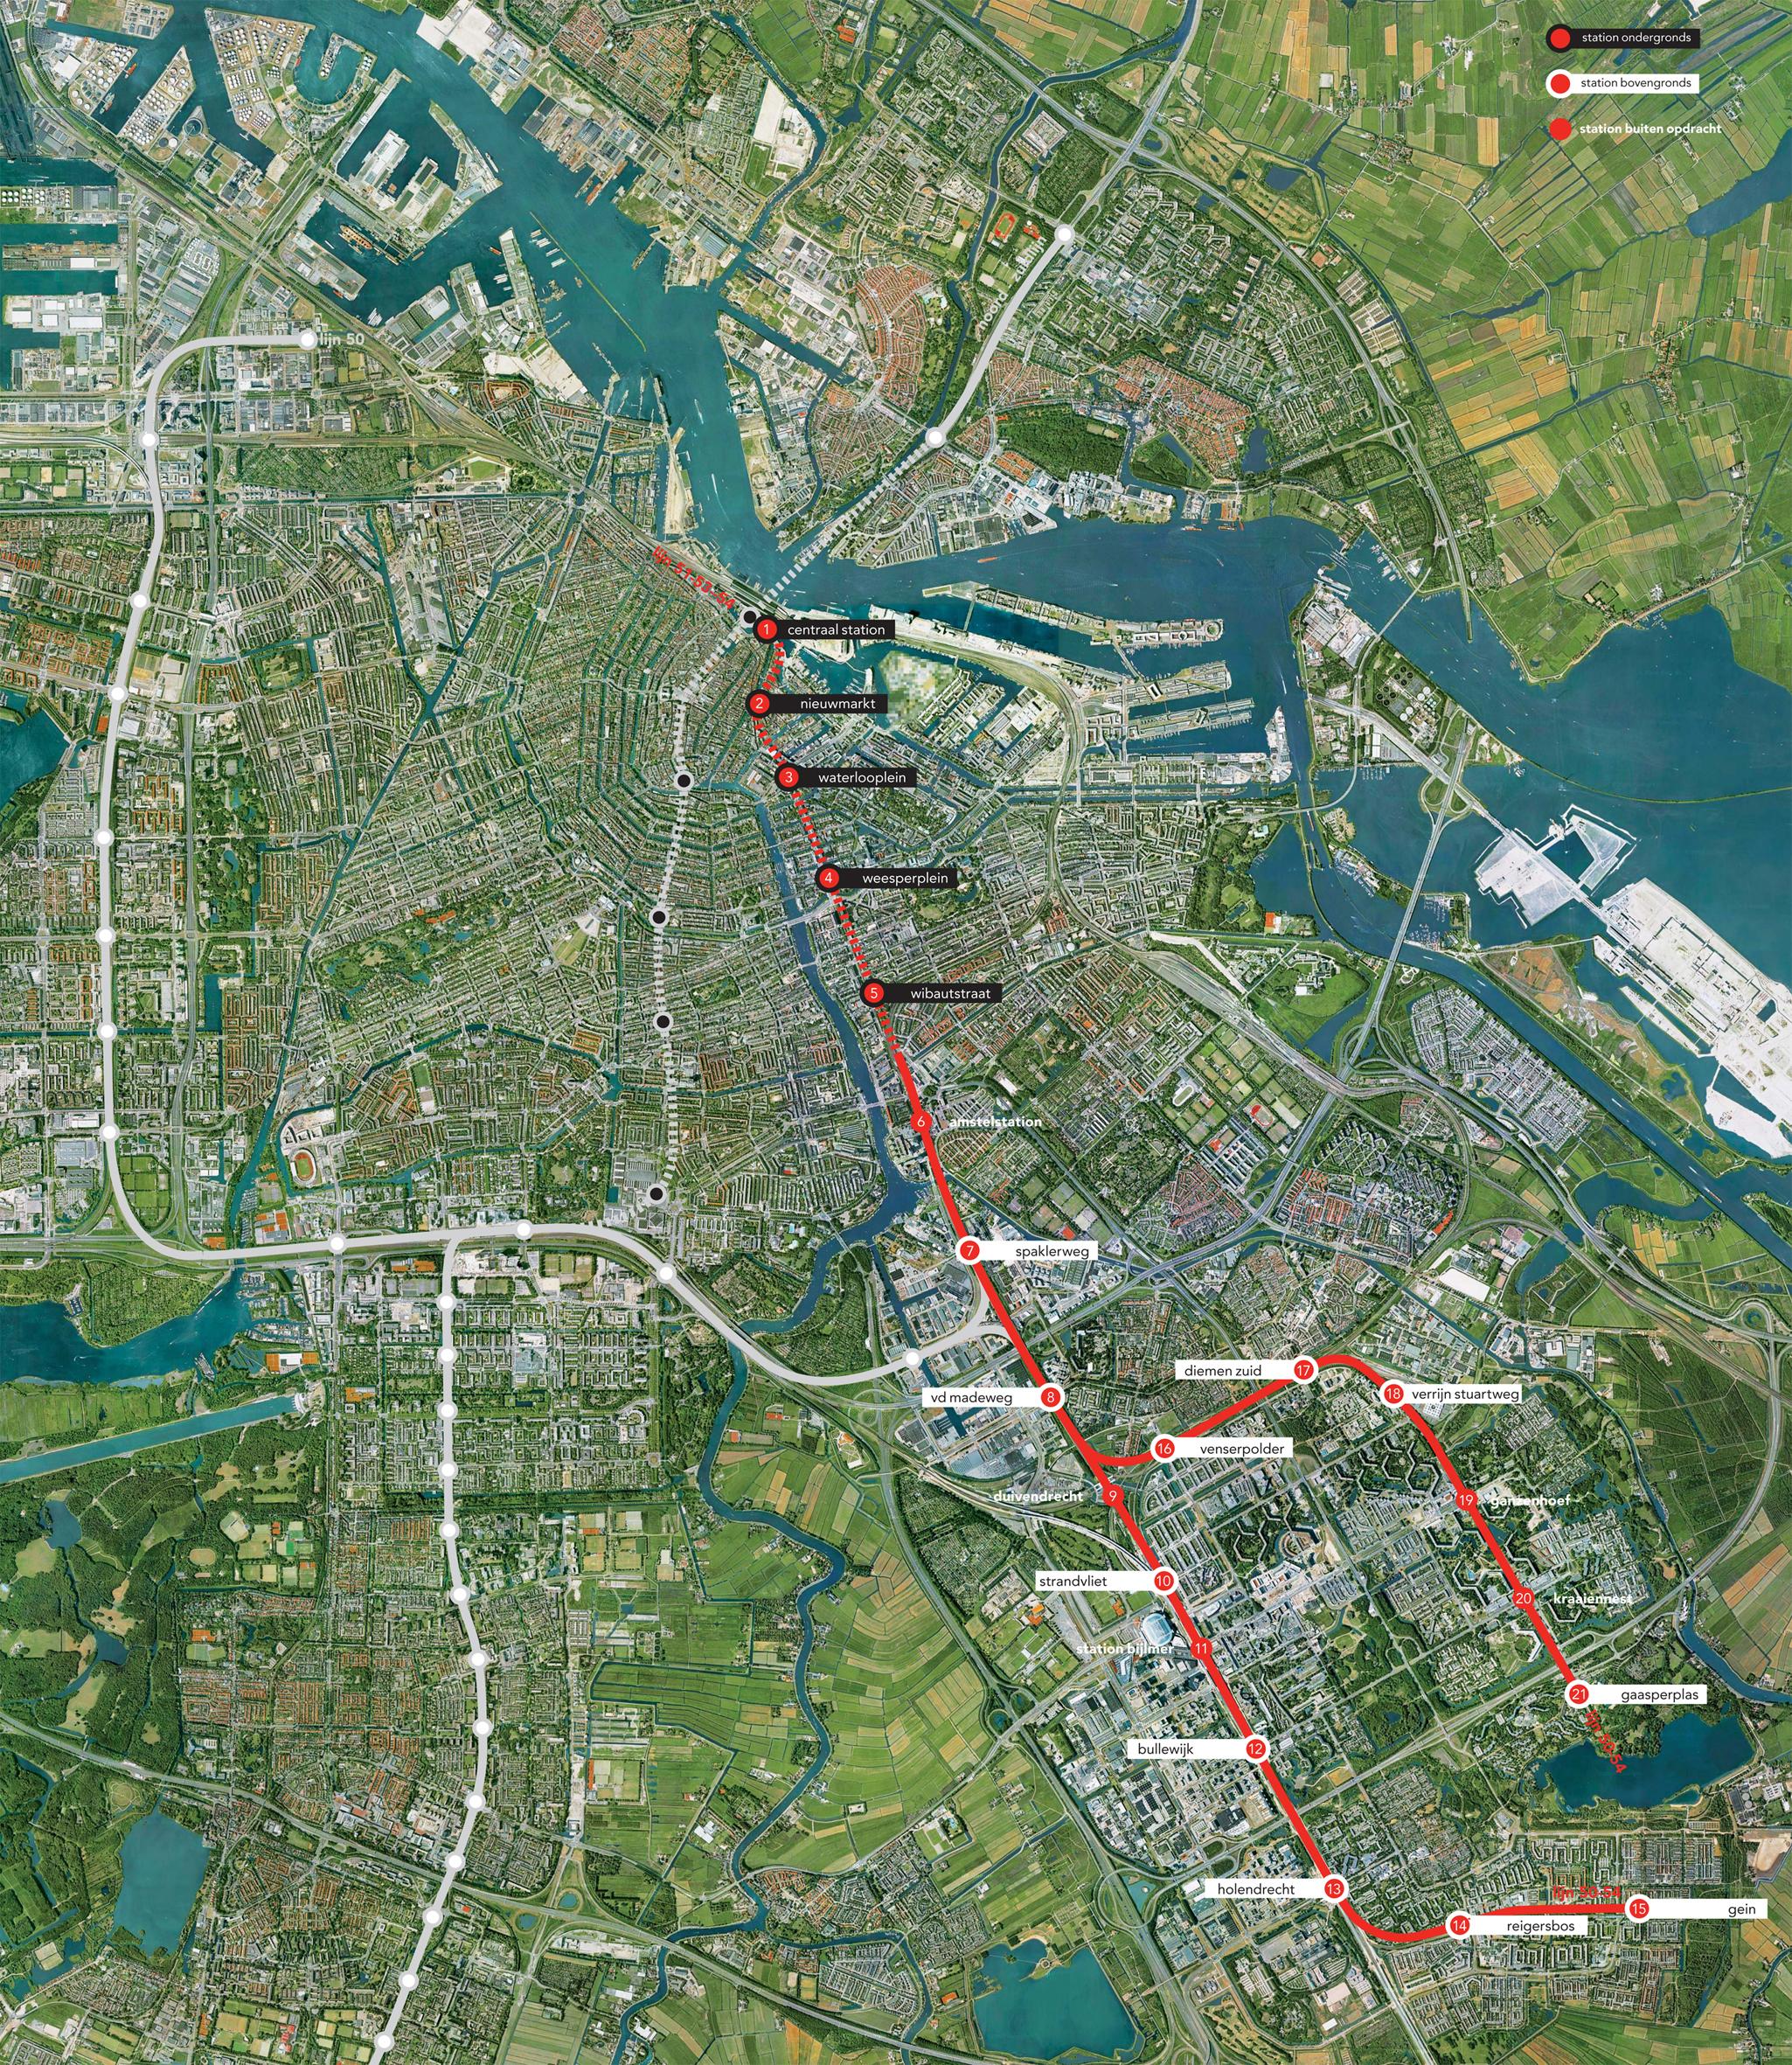 <p>Kaart Metro Oostlijn, Amsterdam. (Overzicht)</p>